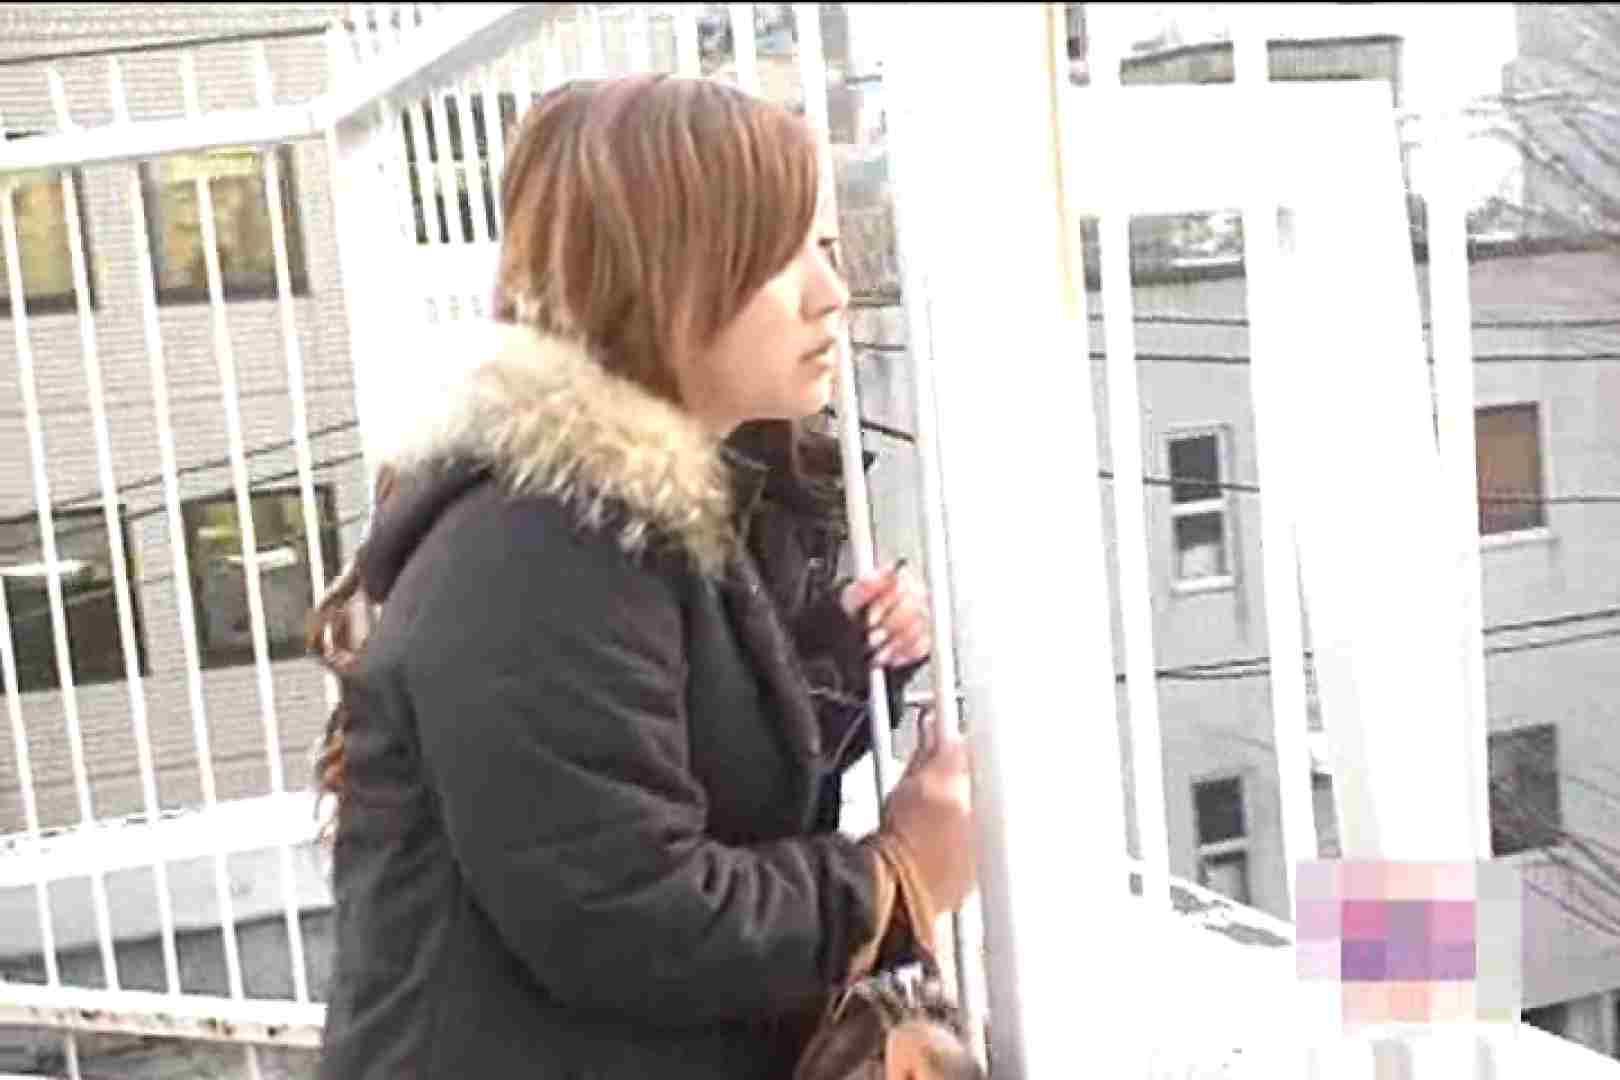 大胆露出胸チラギャル大量発生中!!Vol.6 チラ 盗撮オメコ無修正動画無料 93連発 93